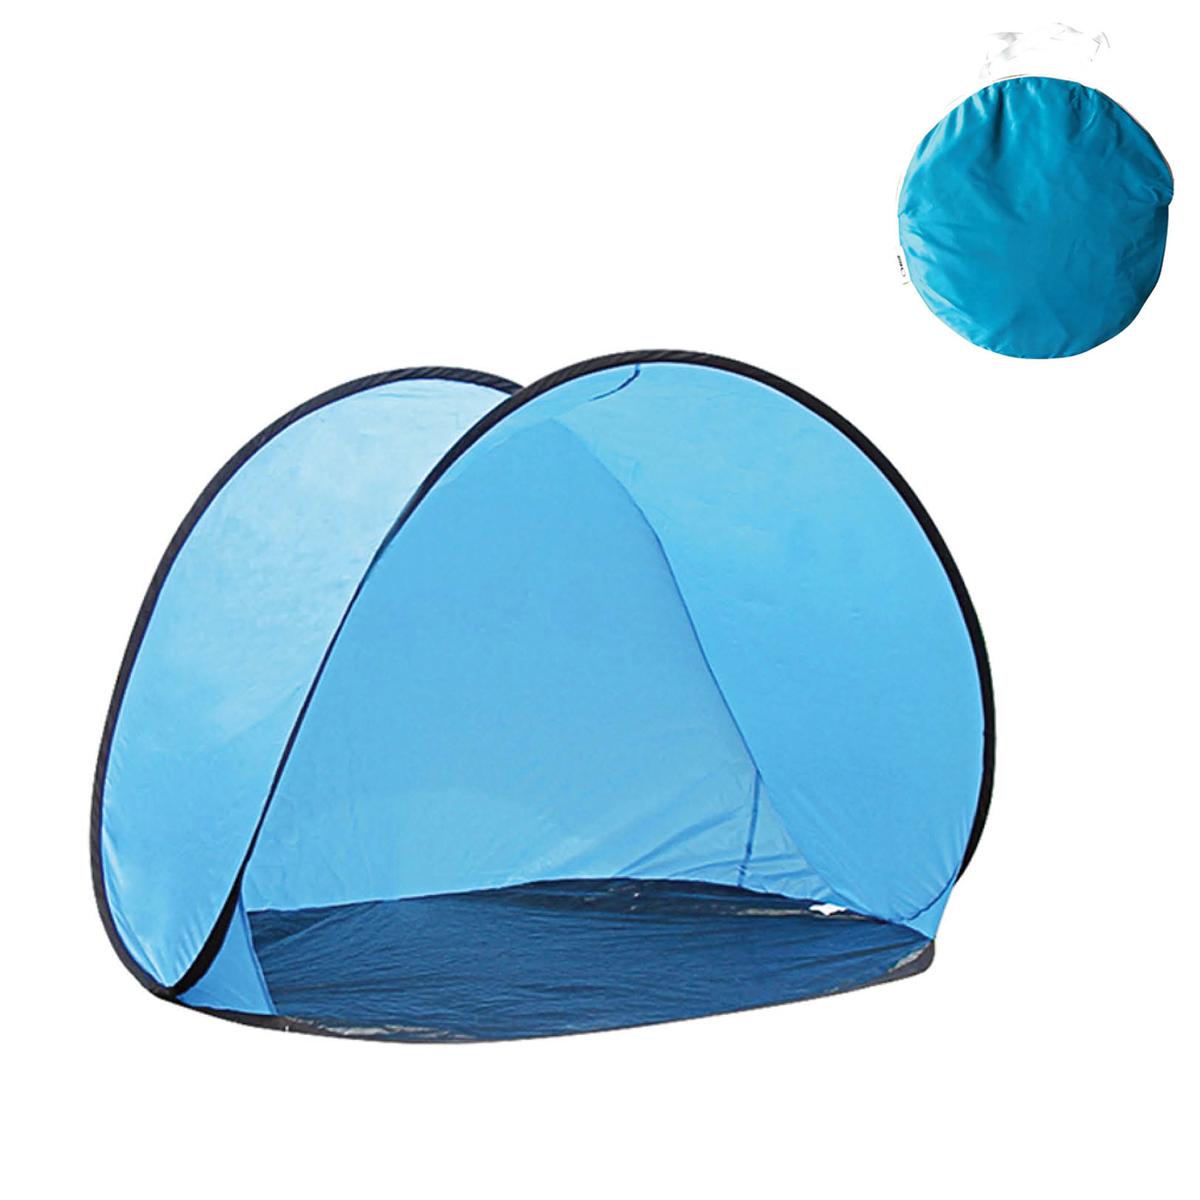 אוהל זוג קפיצי – אשל